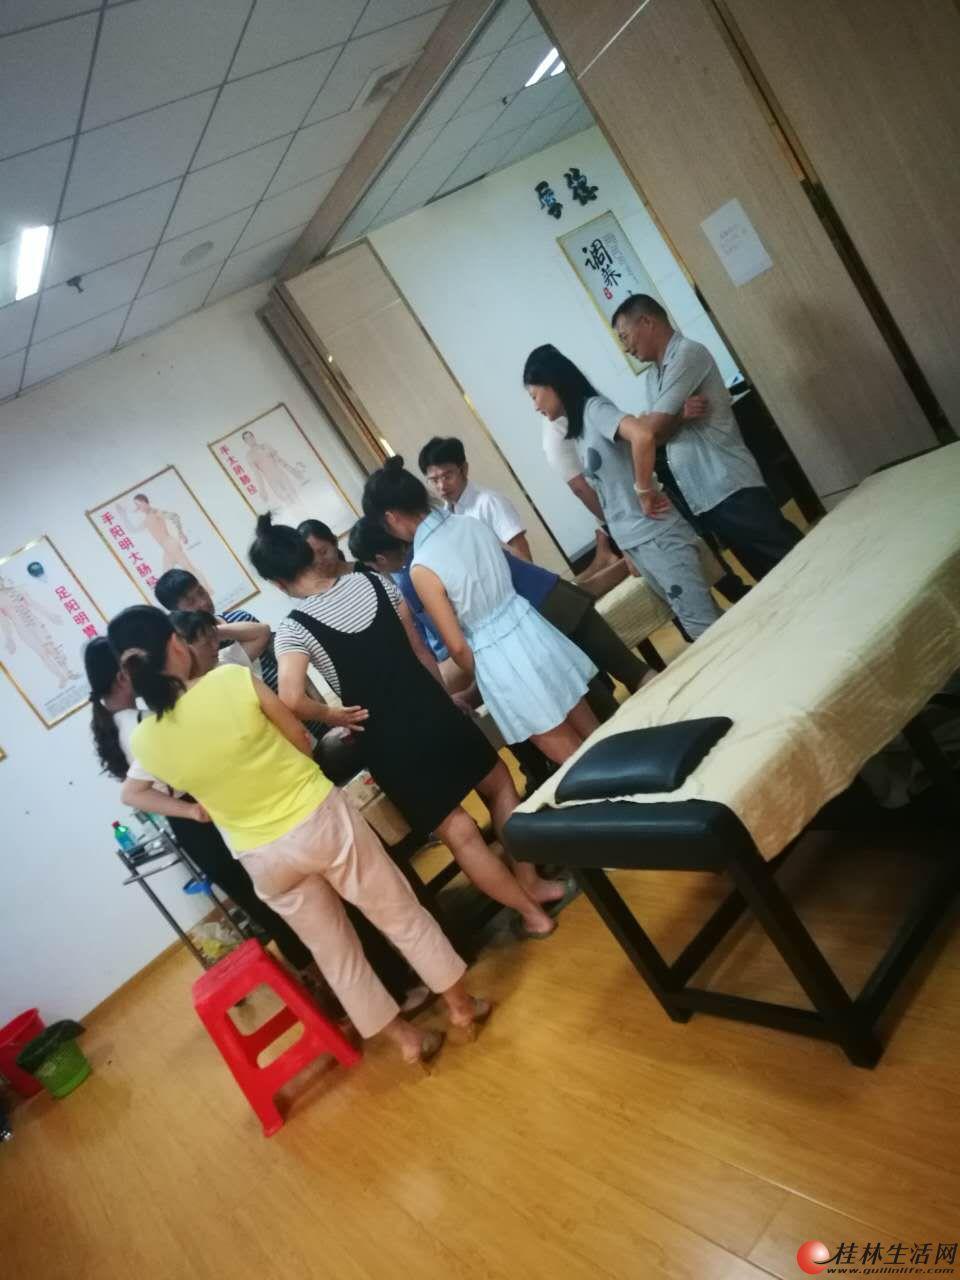 清远针灸理疗推拿培训学校的教学内容和步骤是什么?广东品牌培训